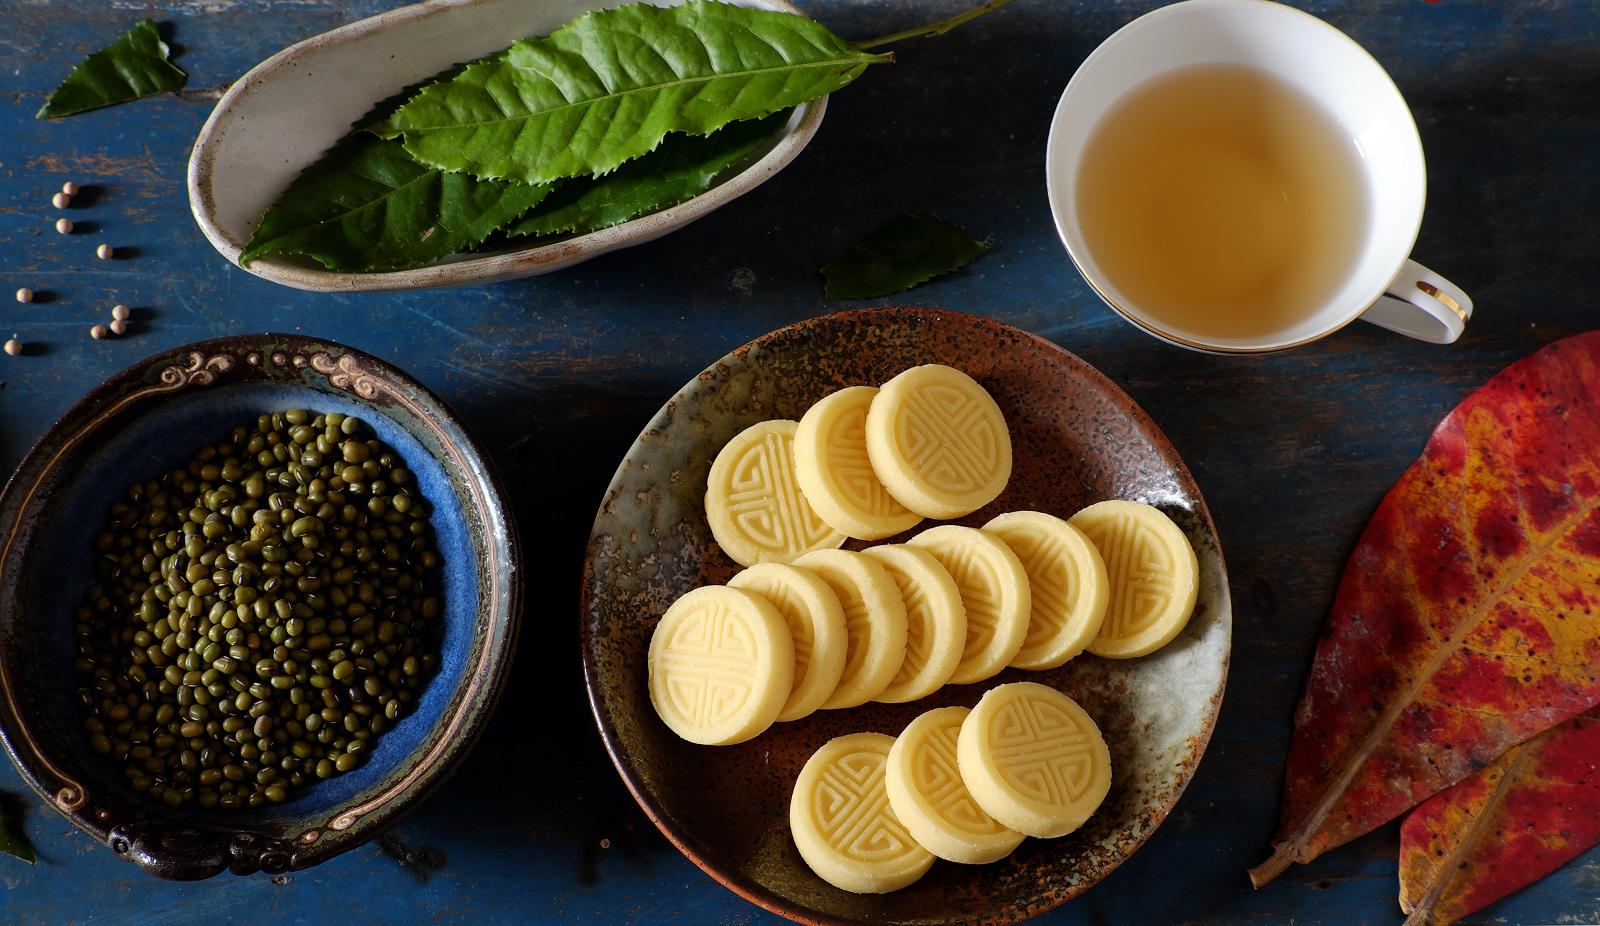 Chè kho ăn nóng sẽ cảm nhận được mùi vị bùi bùi của hạt sen, thơm phức của nước bưởi